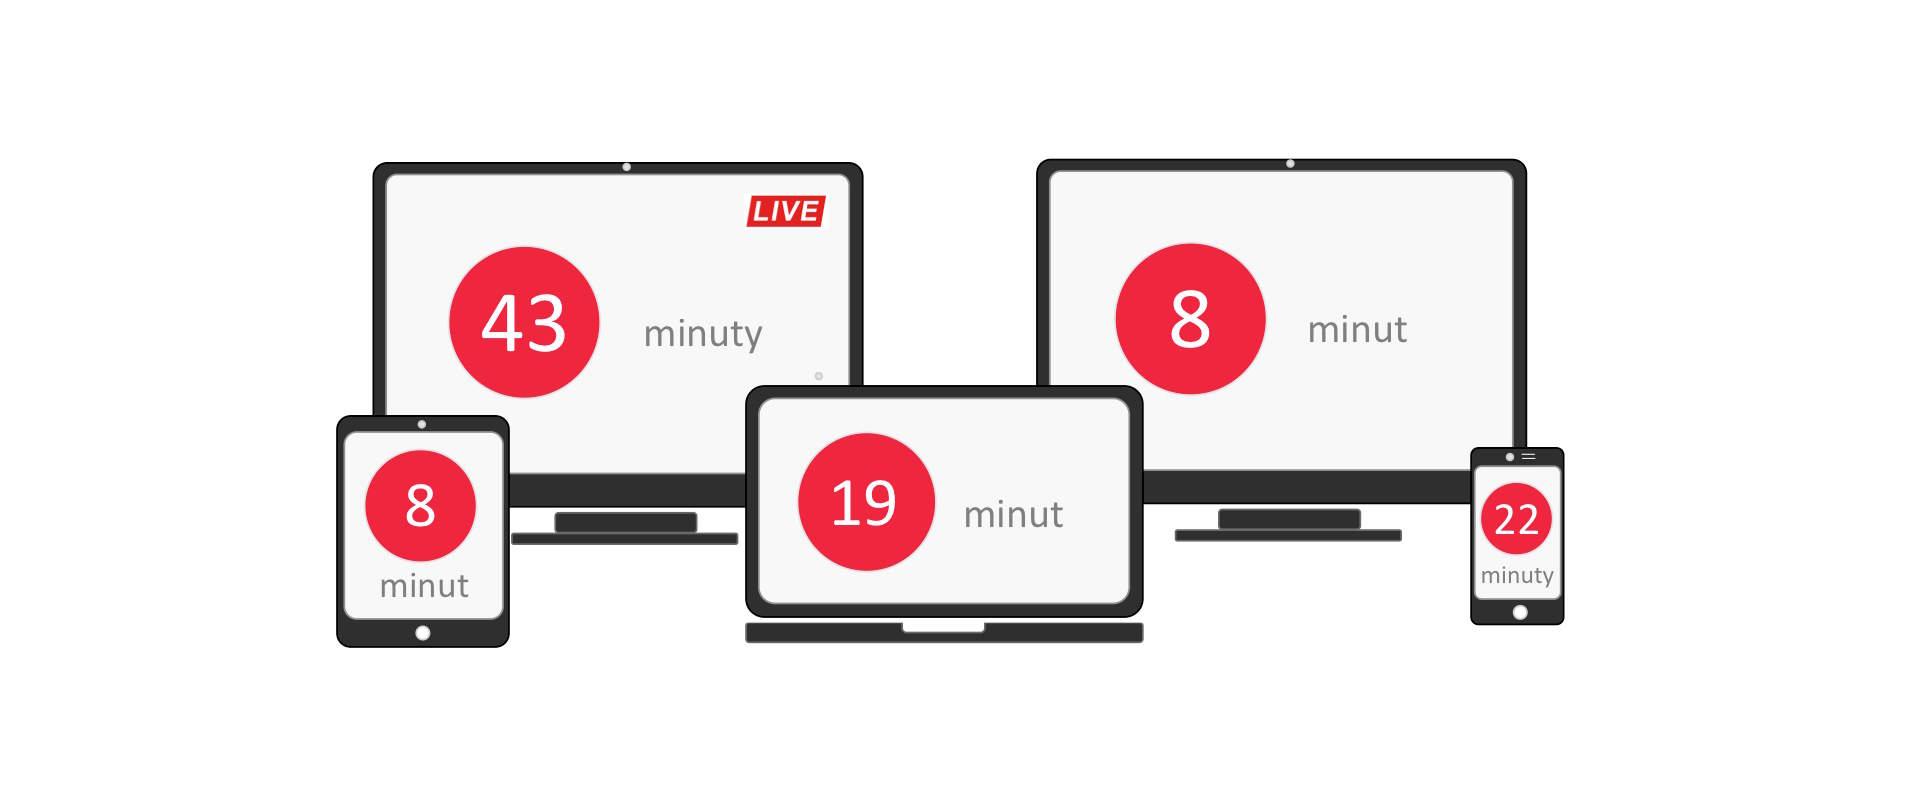 Czas oglądania wideo na poszczególnych urządzeniach (dane dla Polski)